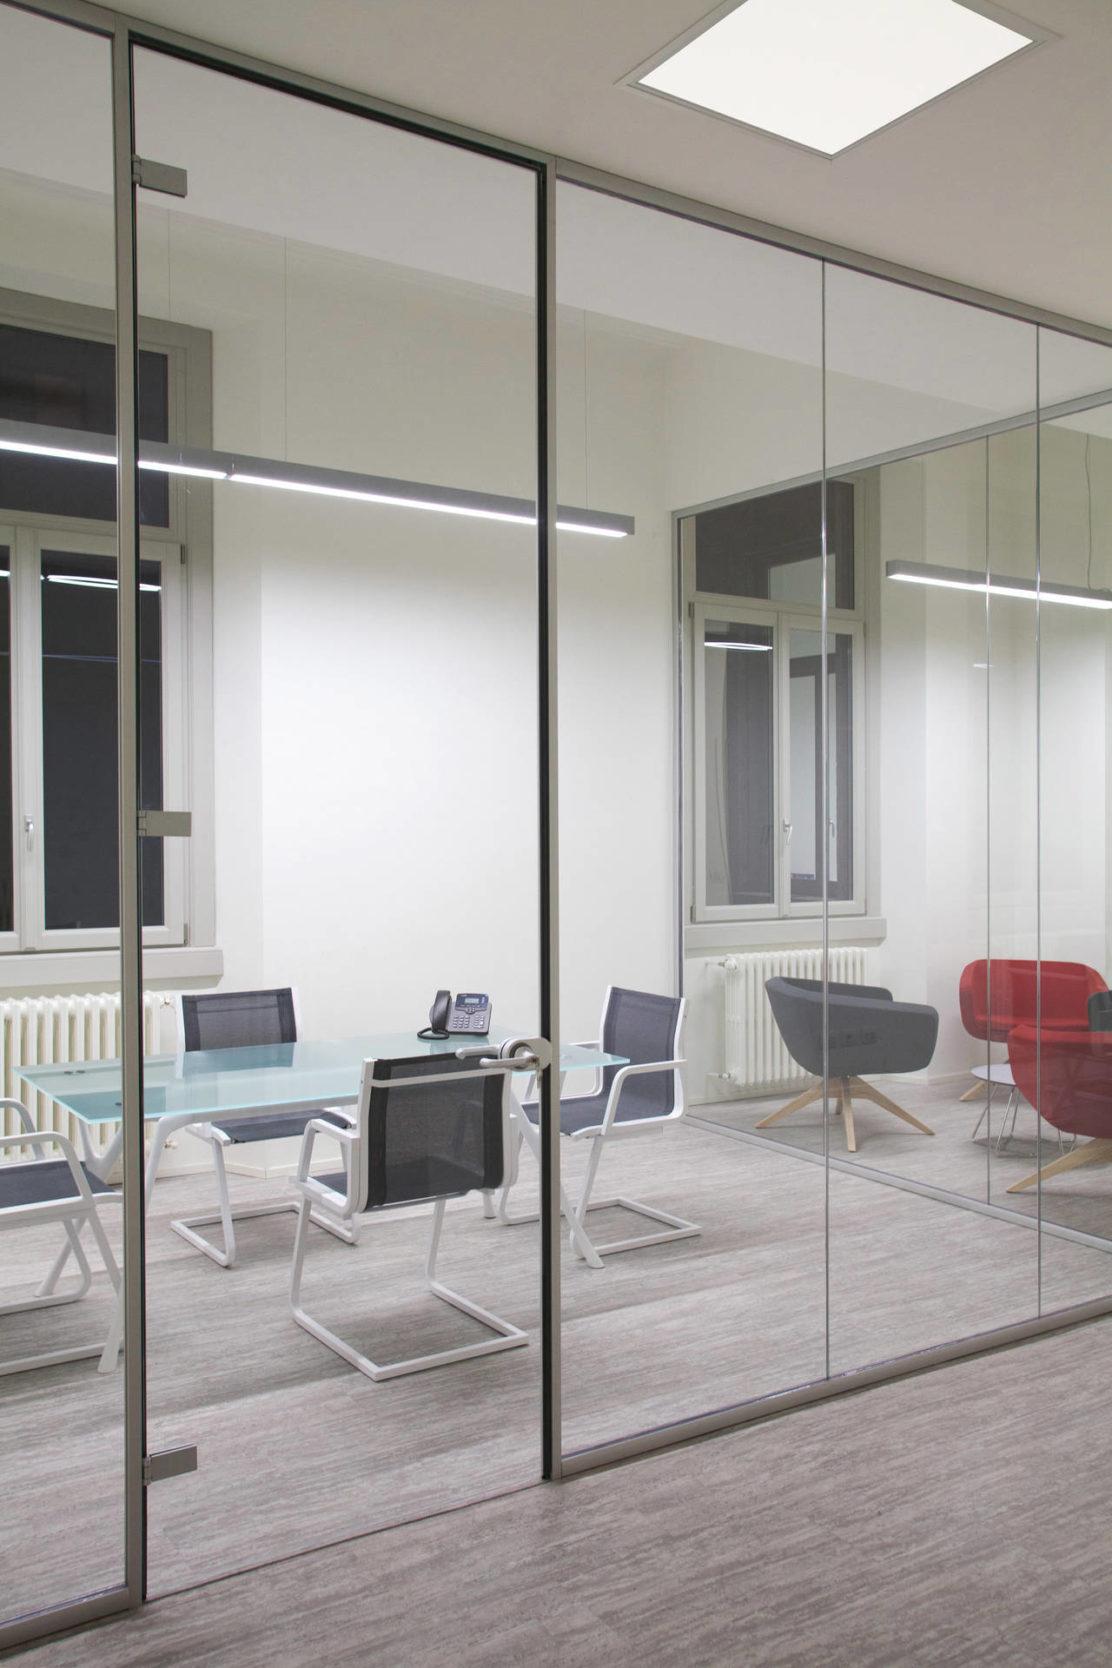 Rossini illuminazione per gli uffici della metro 4 di milano for Uffici attrezzati milano